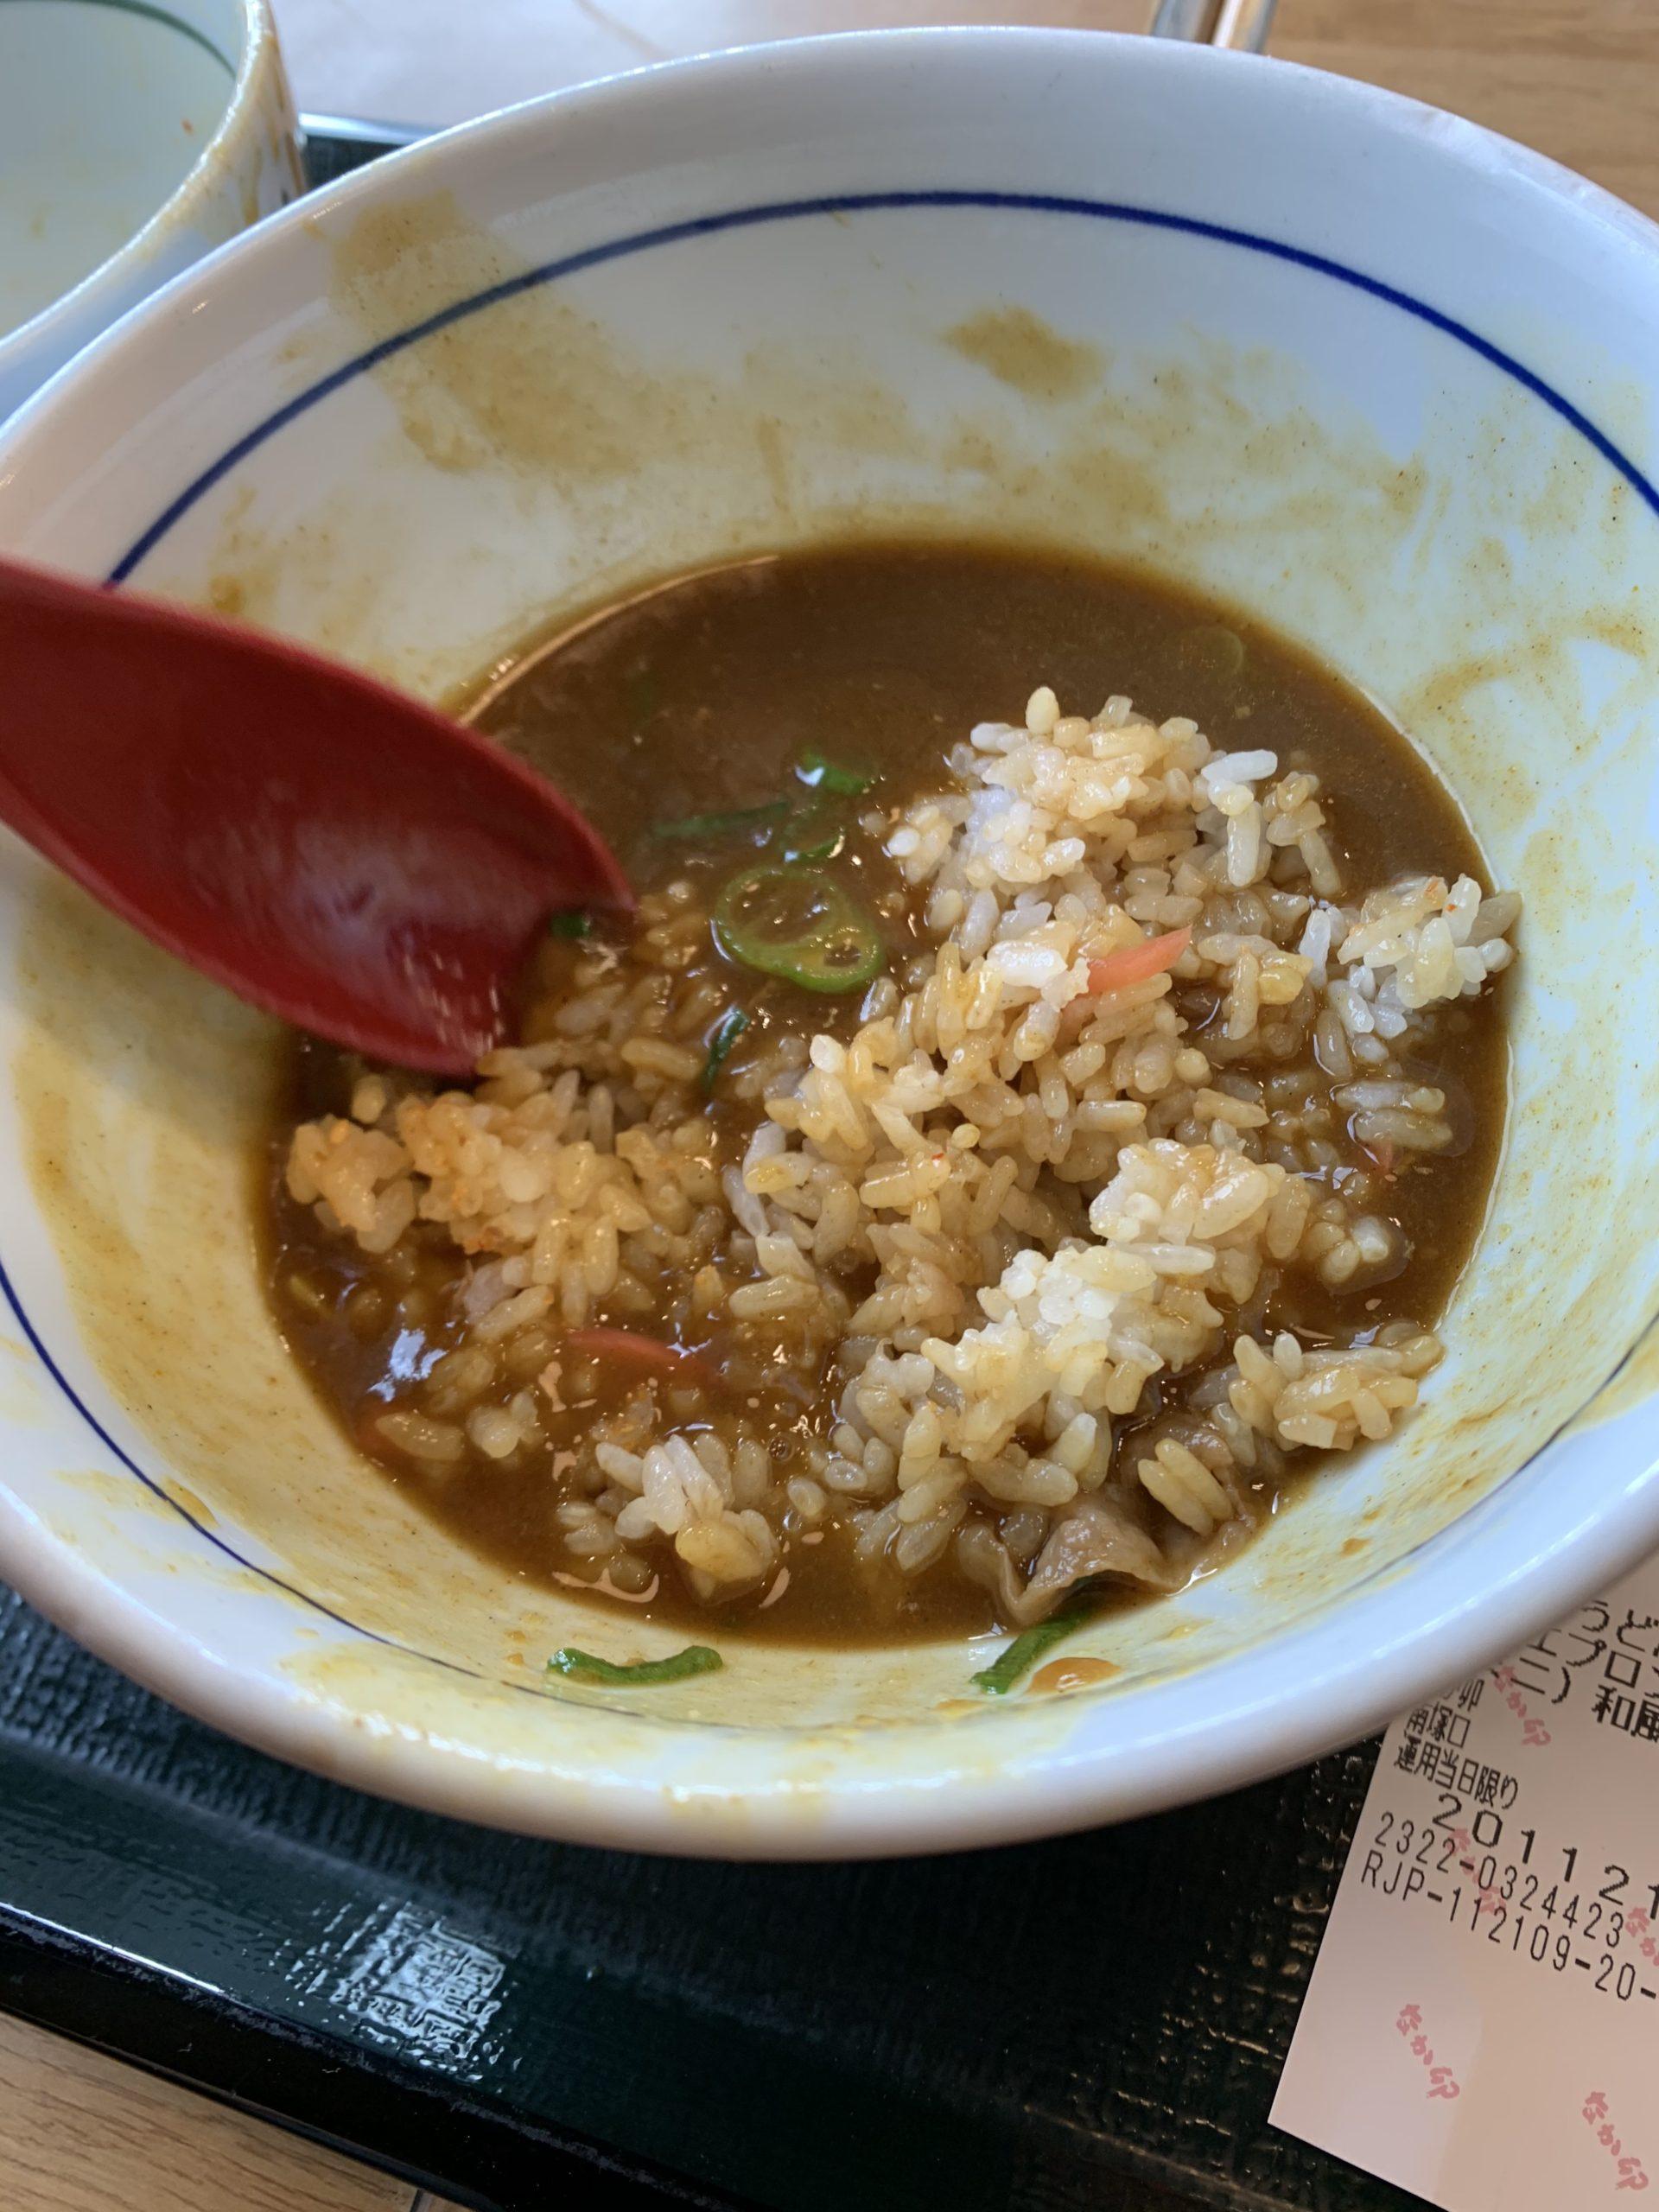 カレーうどんの汁+牛丼+紅生姜